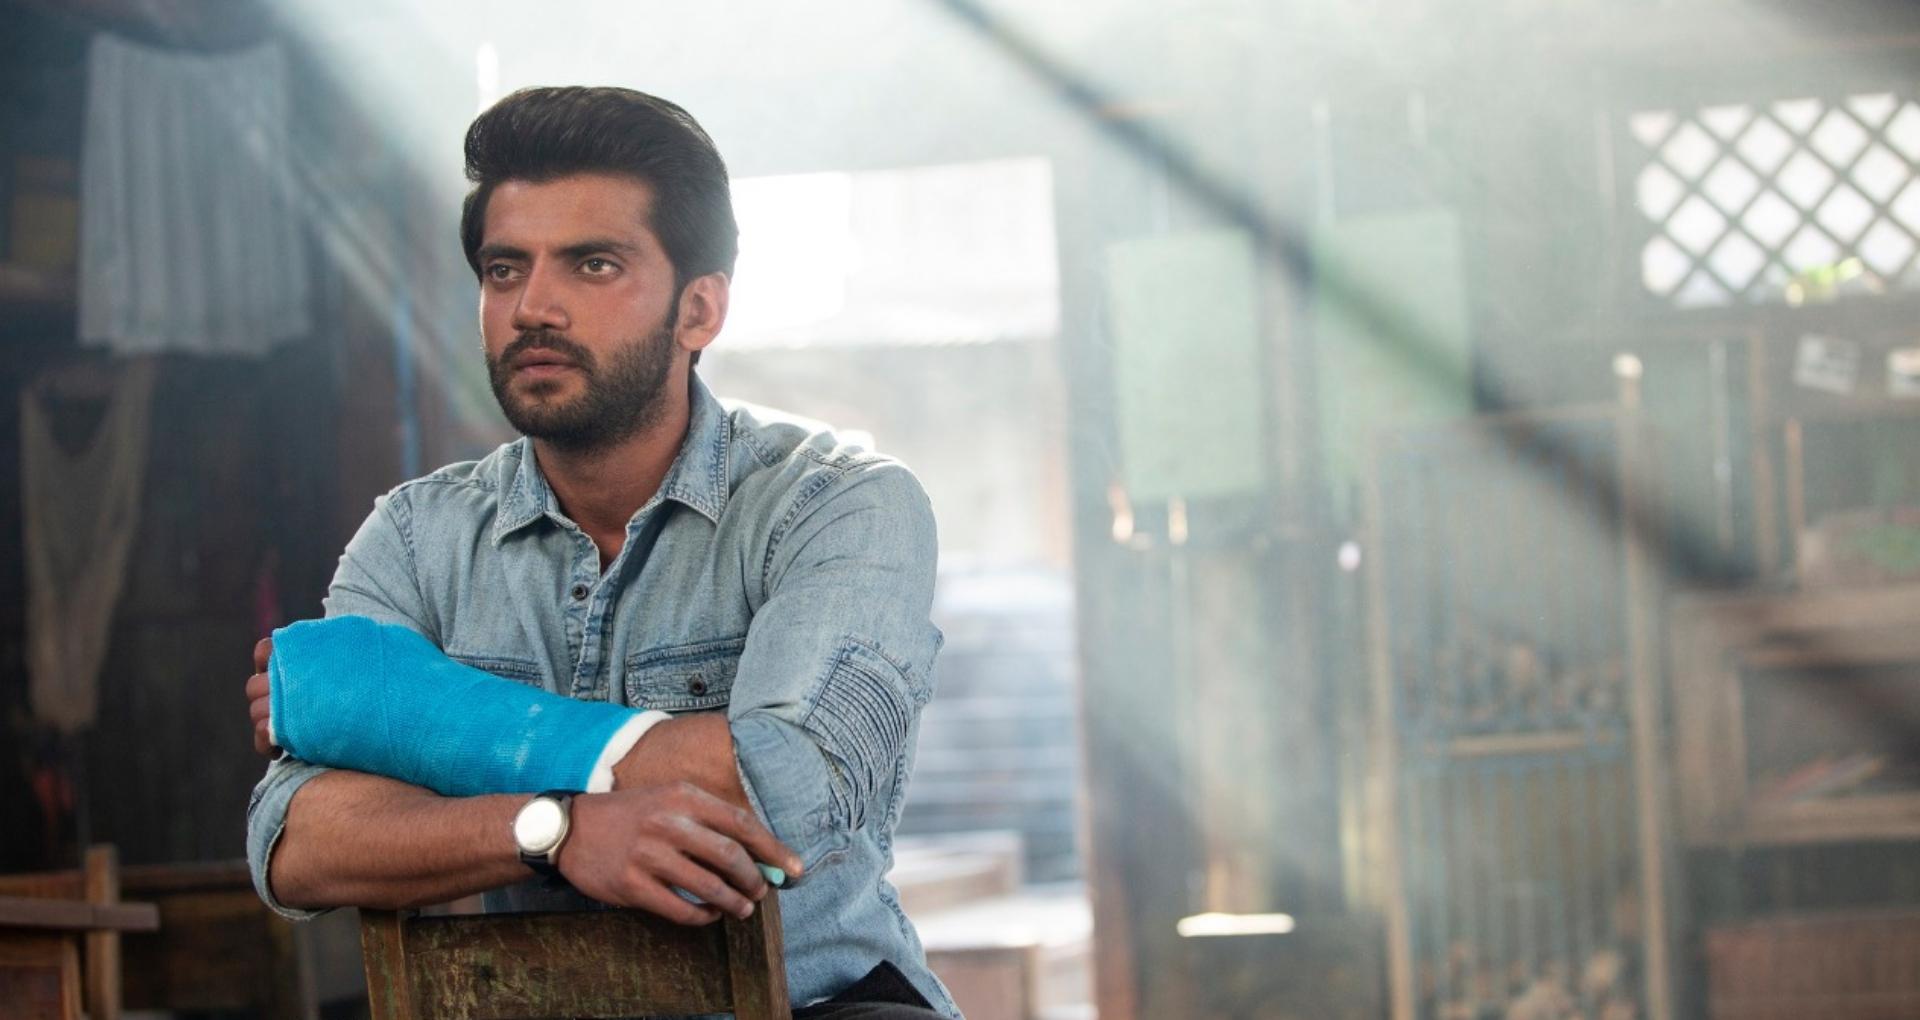 फिल्म नोटबुक में आर्मी मैन के रोल में भी दिखेंगे जहीर इकबाल, अपने इस किरदार को लेकर कही ये बात